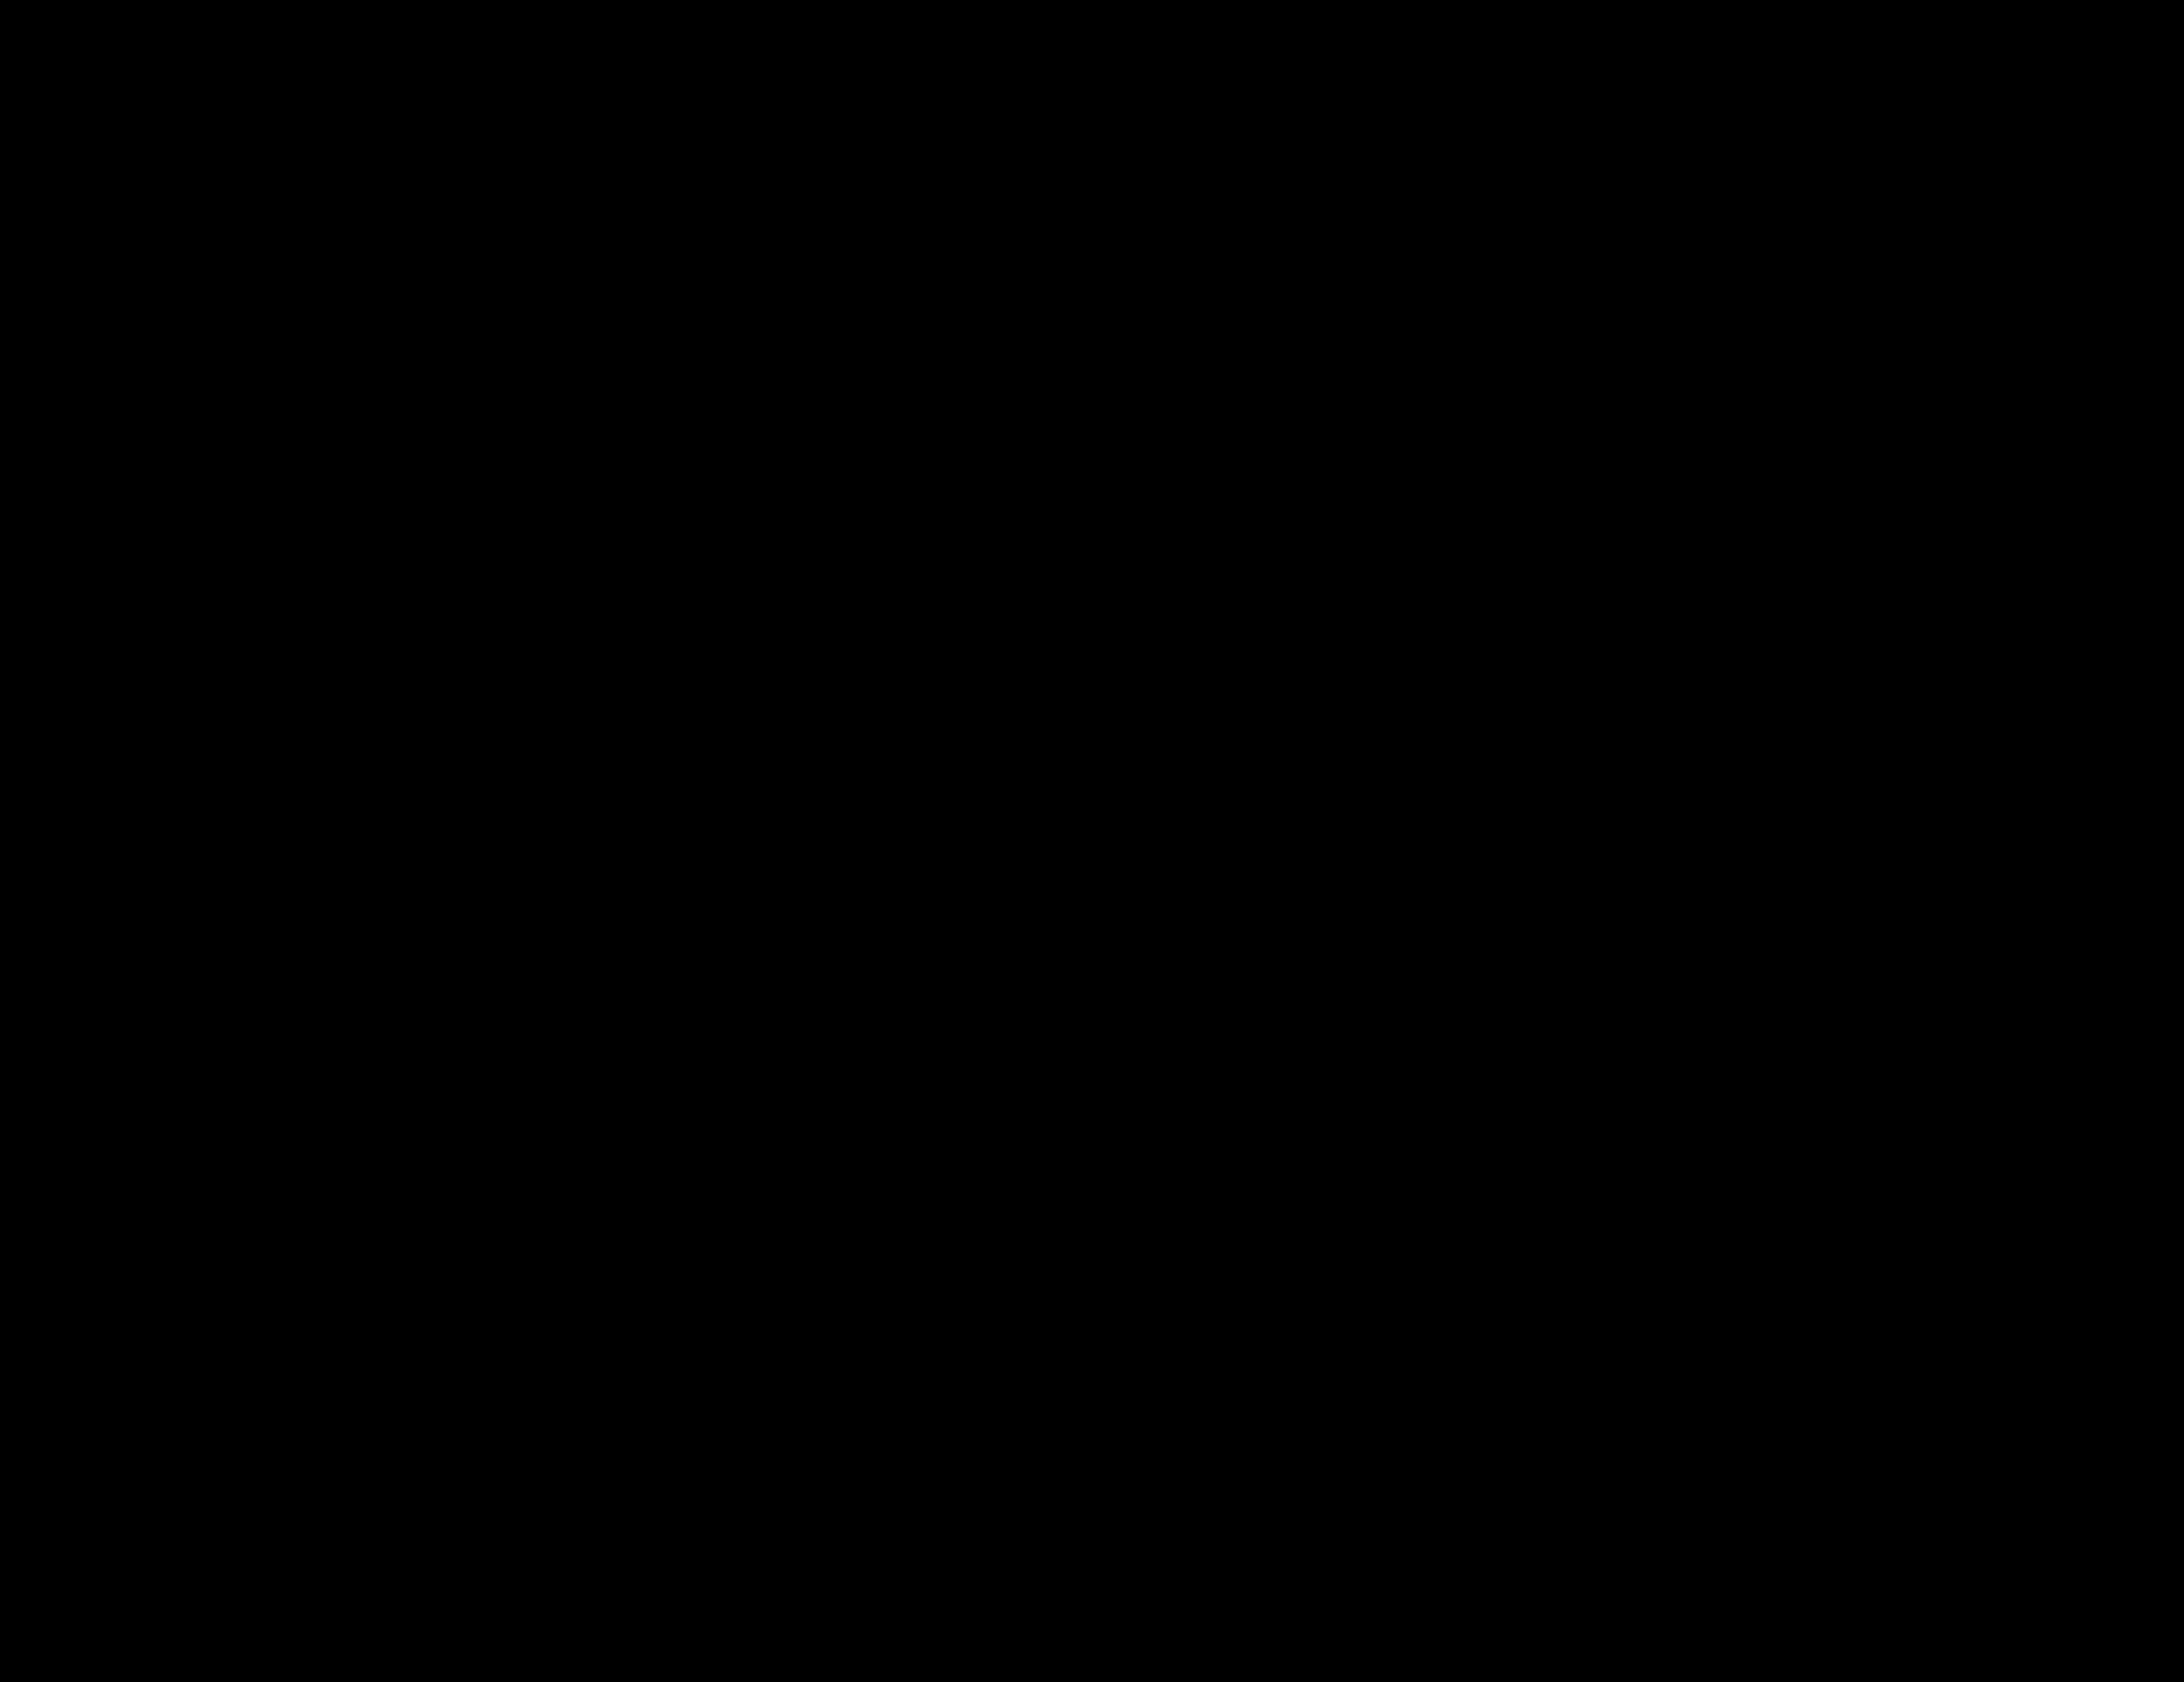 3166x2438 Camera Clip Art